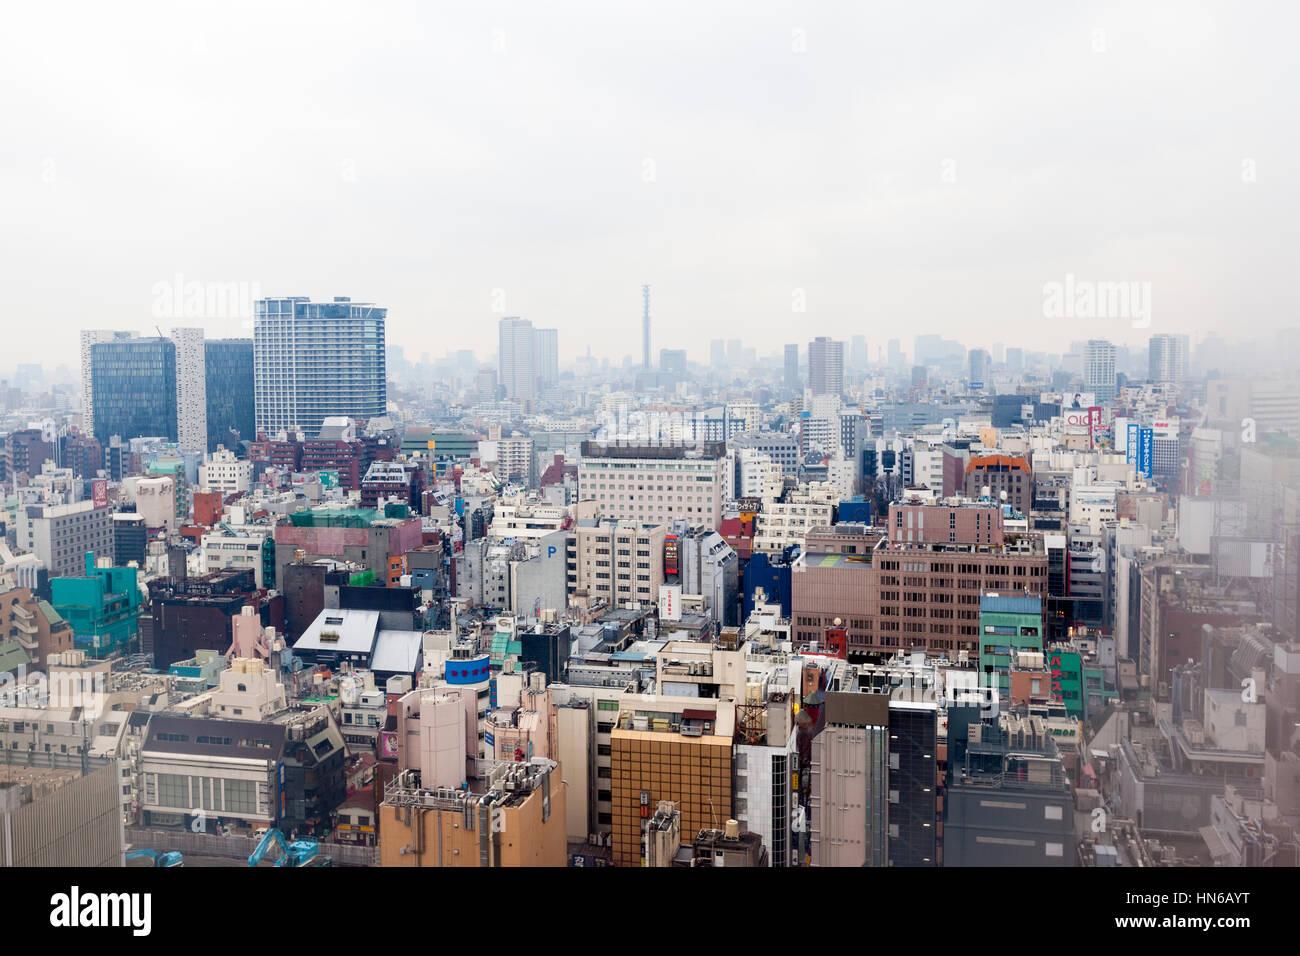 Tokyo, Japon - 2 mars, 2012: augmentation de la vue sur les toits de Tokyo prises par la fenêtre d'une Photo Stock